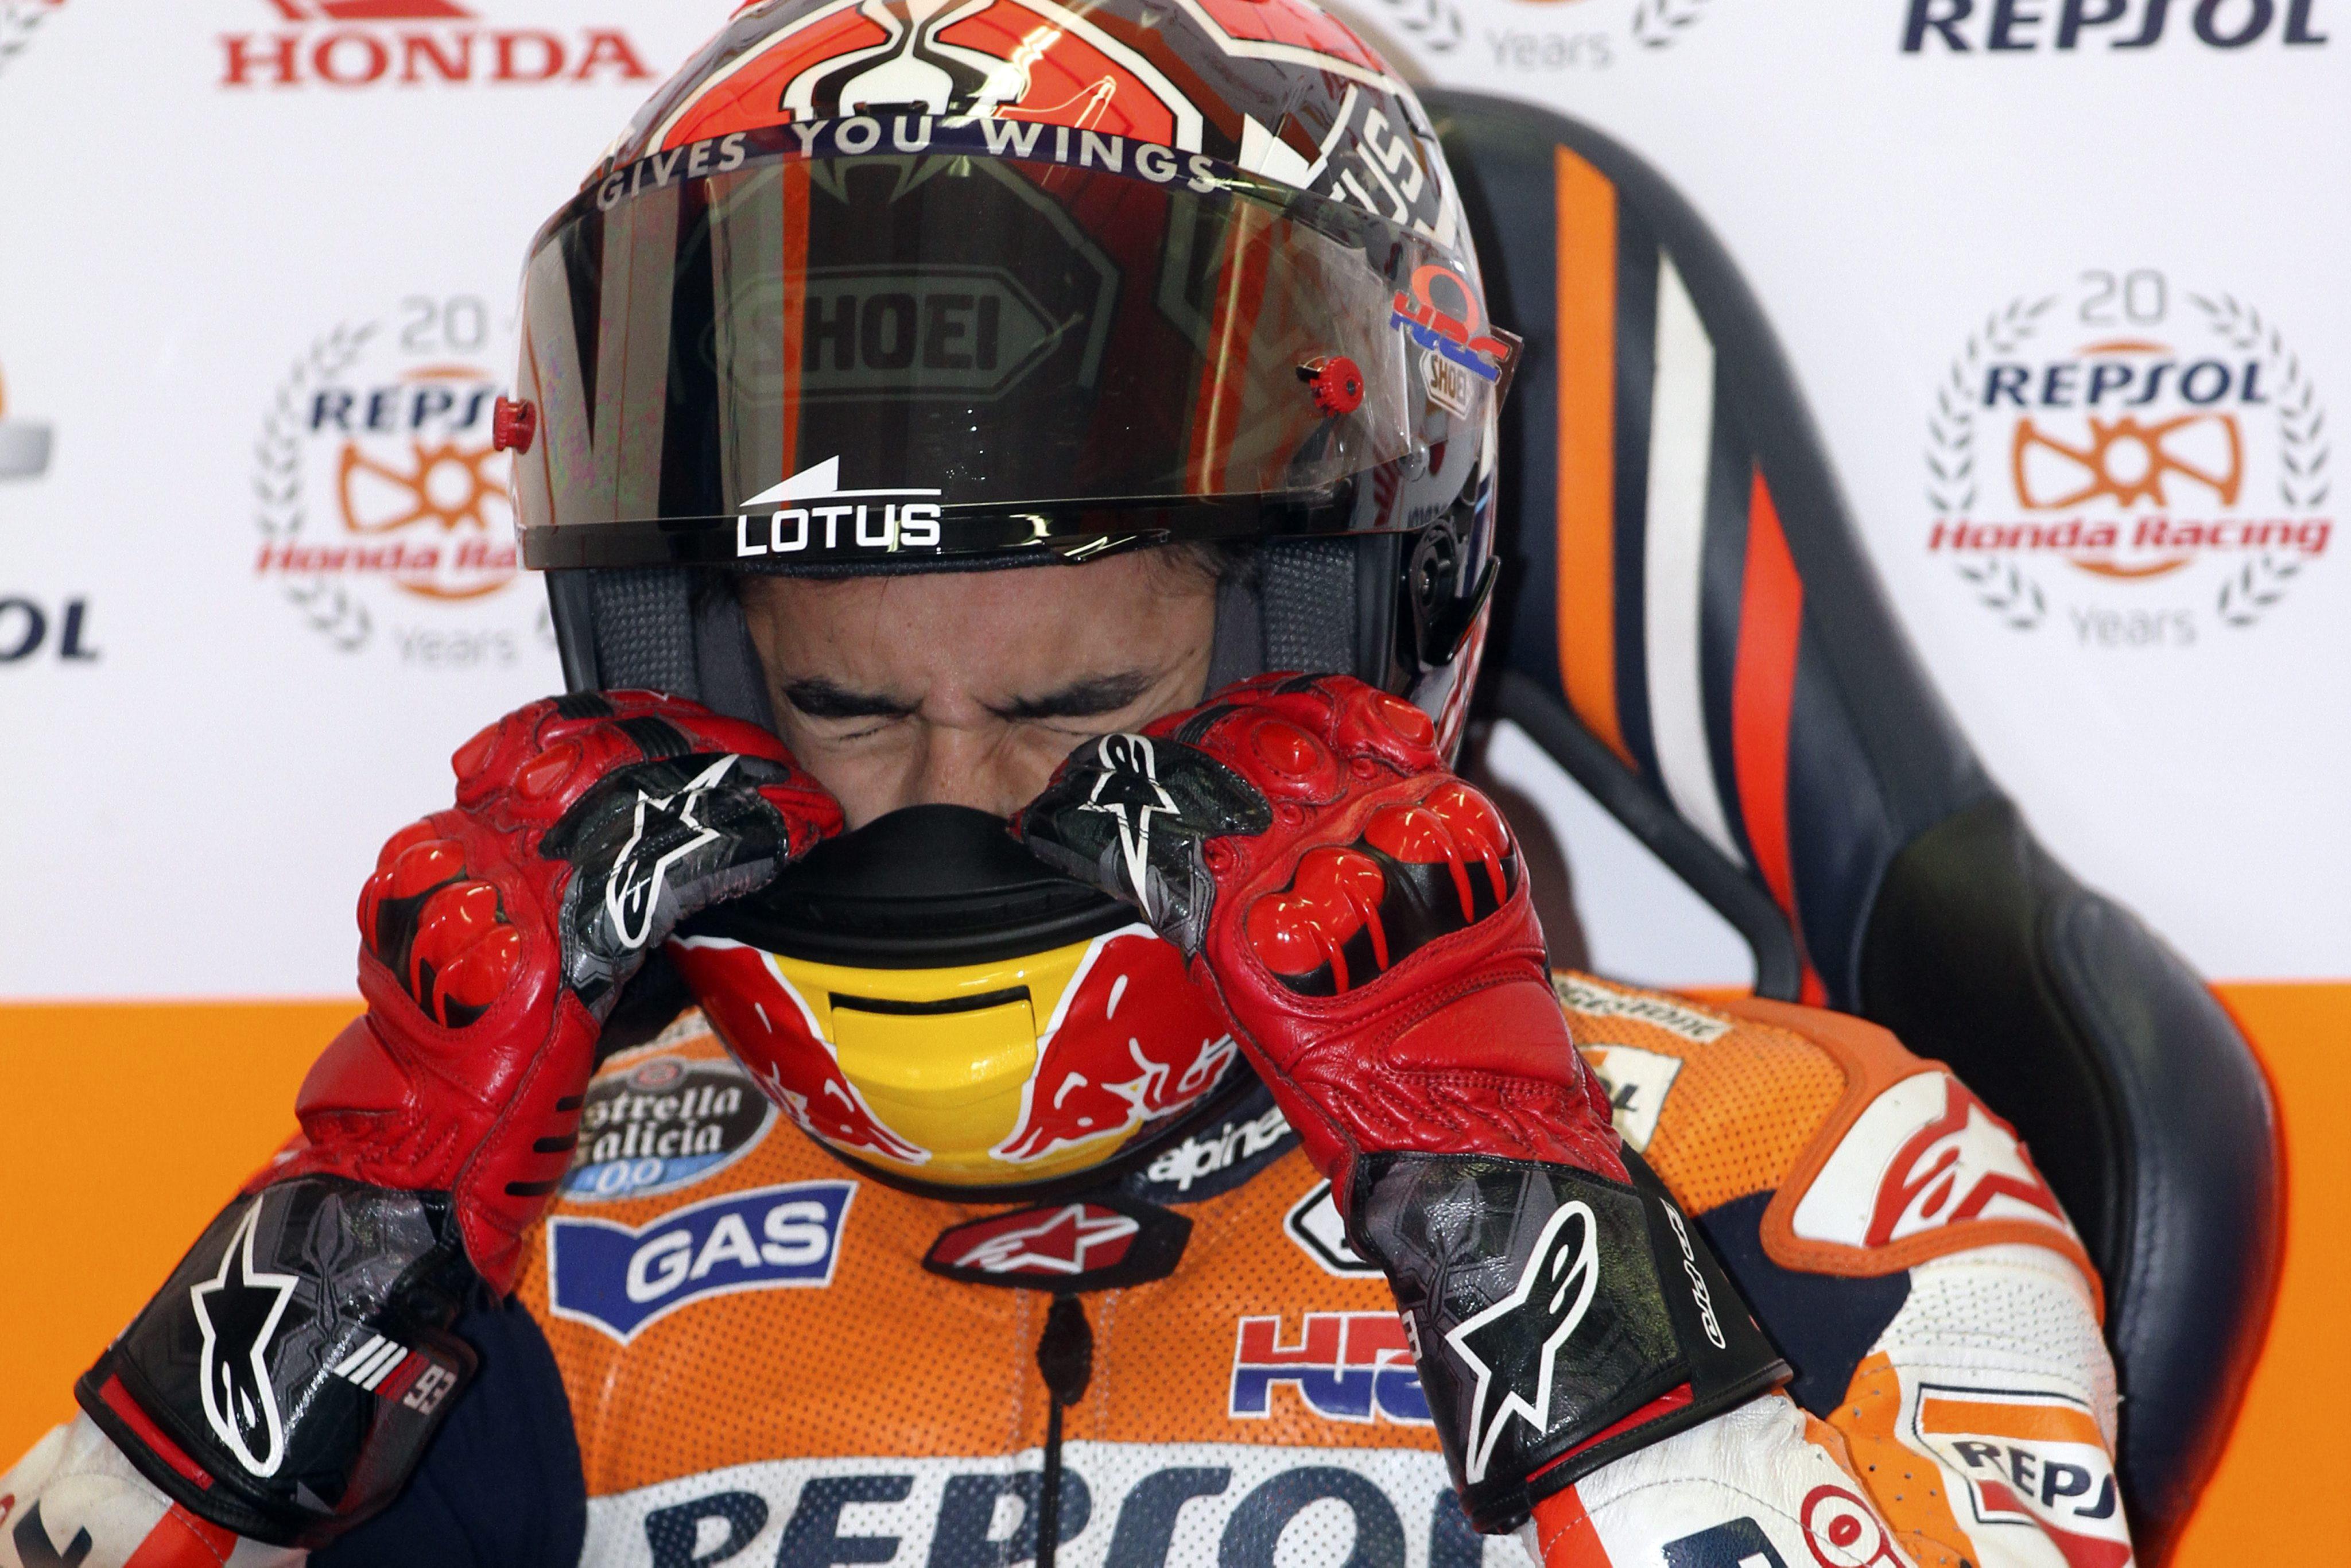 Márquez logra su quinta »pole» consecutiva en la categoría reina